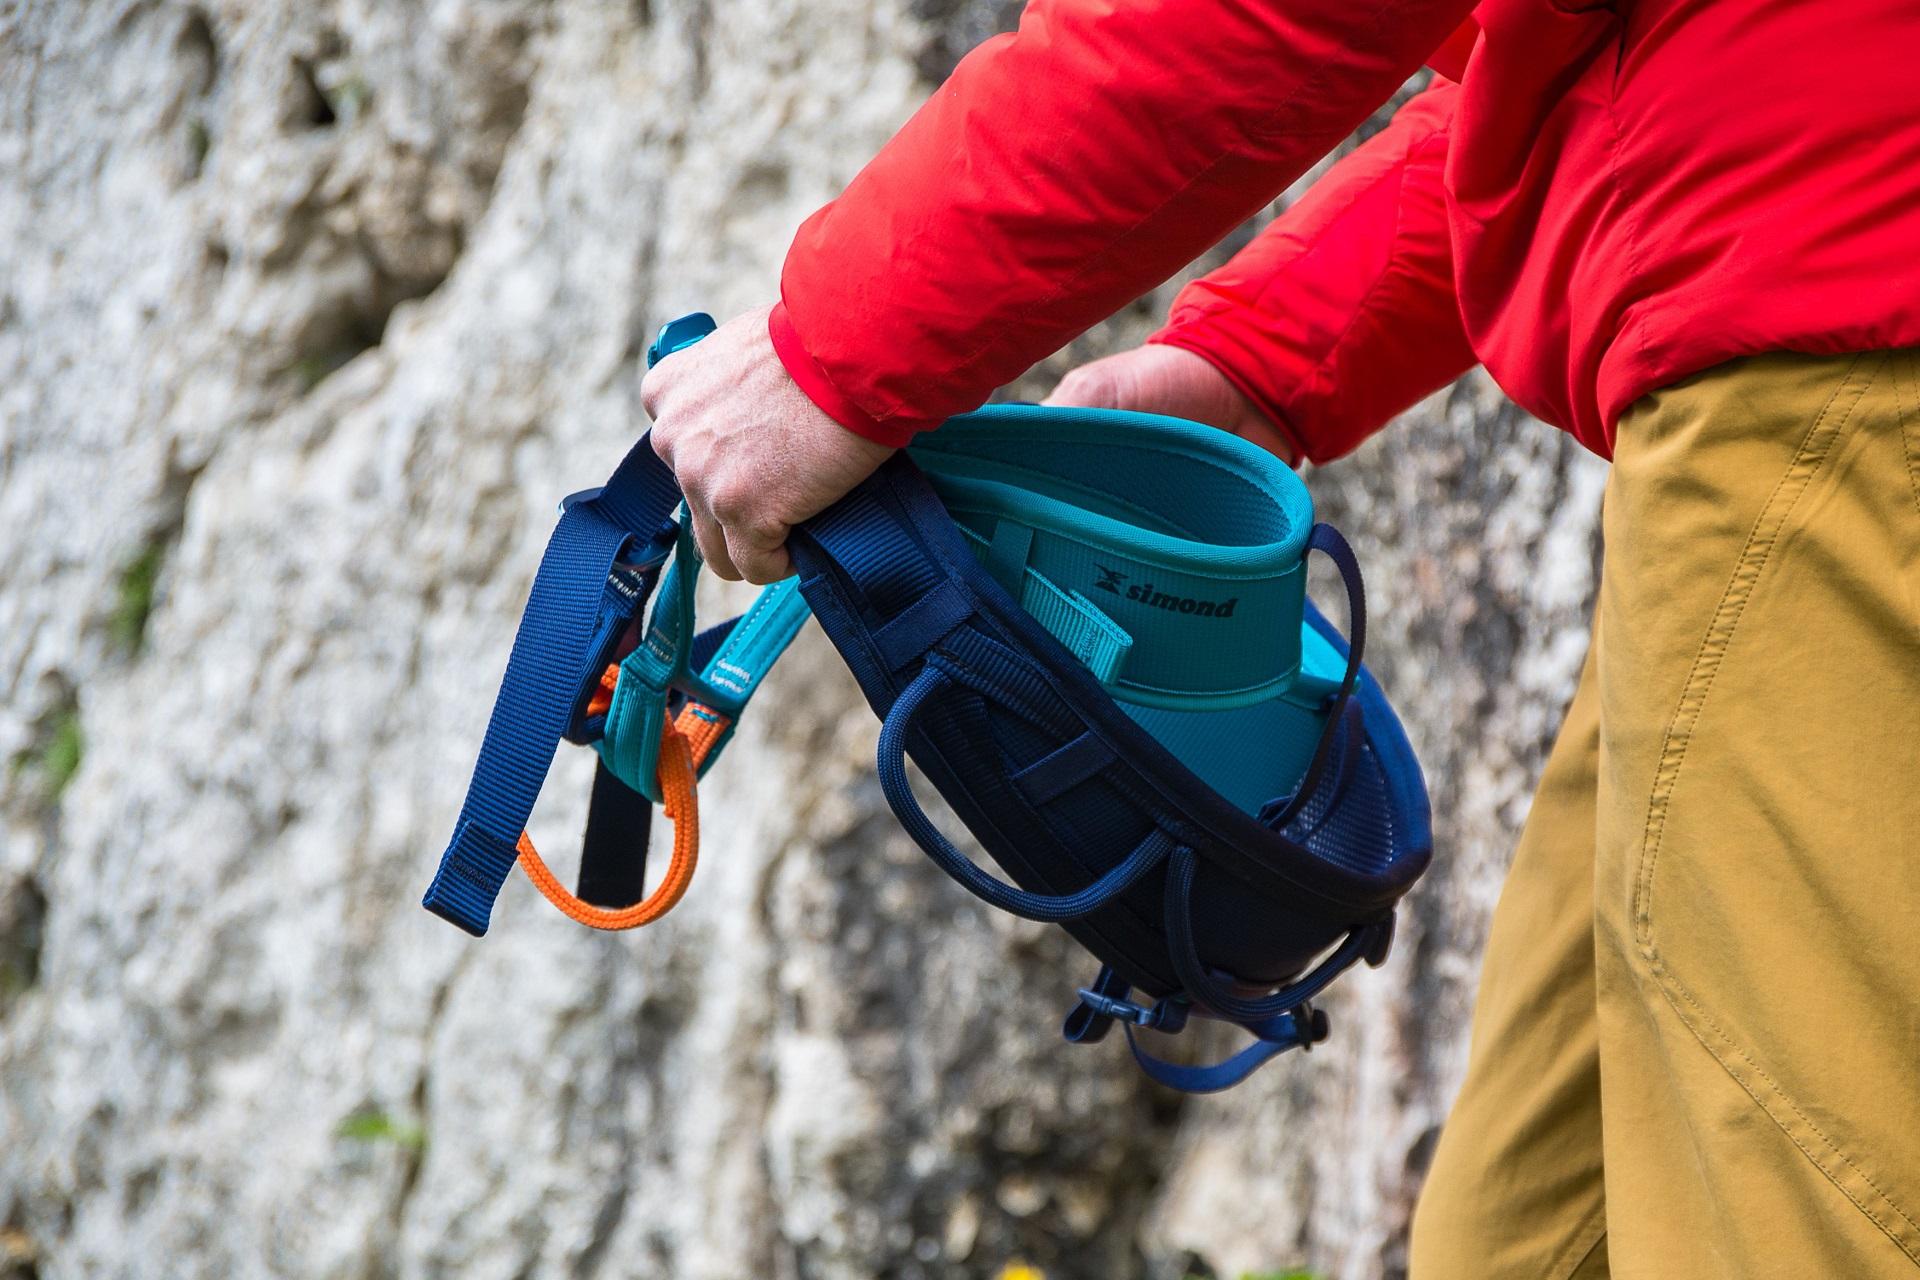 Dobrze dopasowana uprząż wspinaczkowa zwiększa bezpieczeństwo podczas wspinania